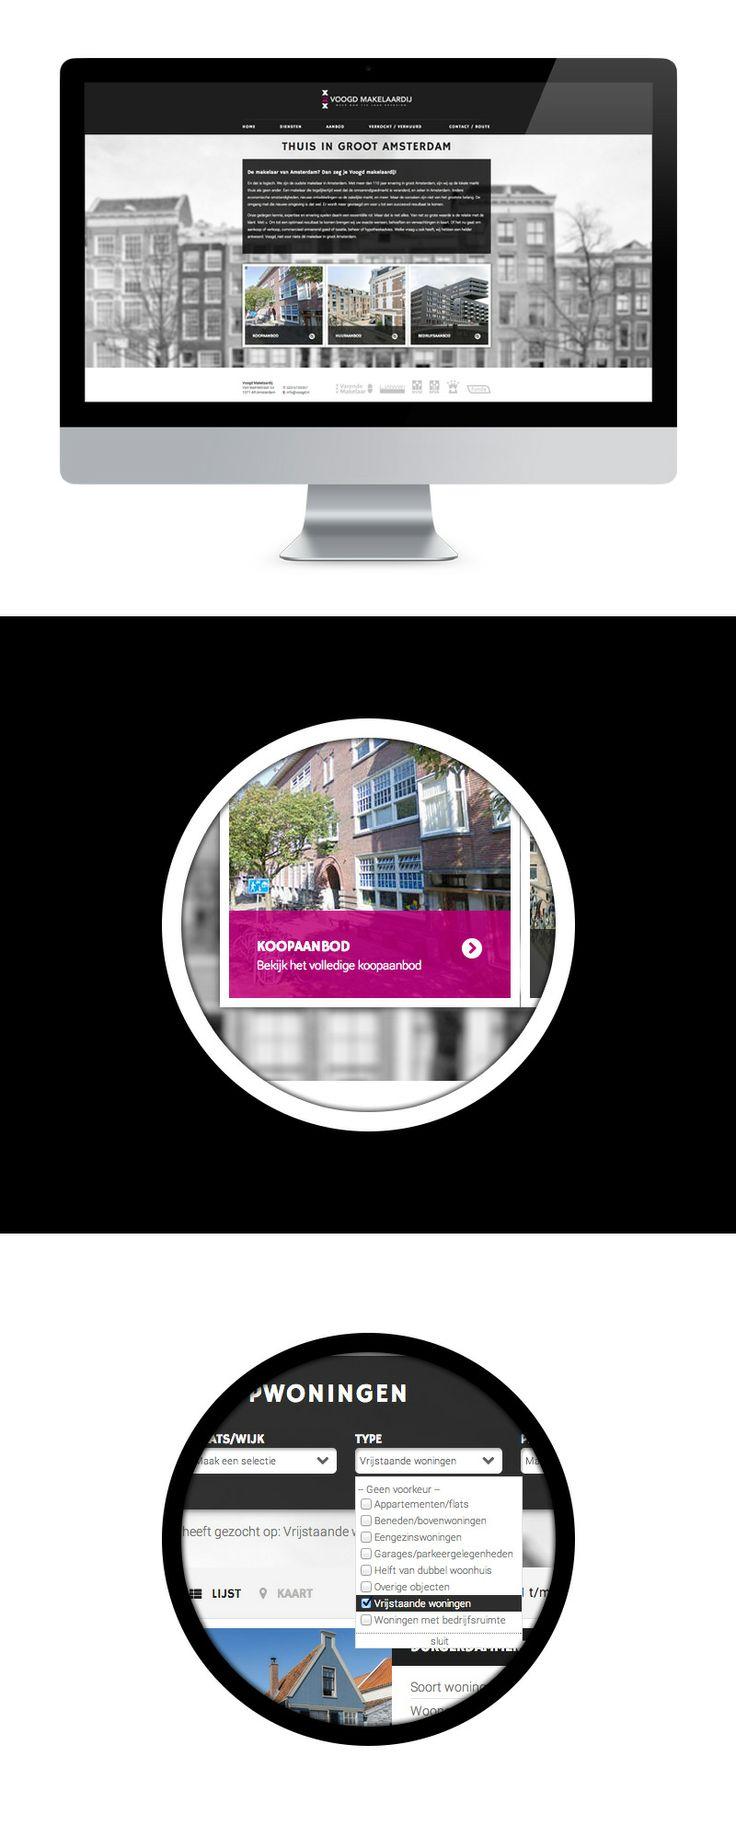 Voogd Makelaardij heeft vandenbusken gevraagd om hun bestaande website te restylen en de copy voor zoekmachines te optimaliseren. Verder is de website gemoderniseerd naar de huidige standaarden.